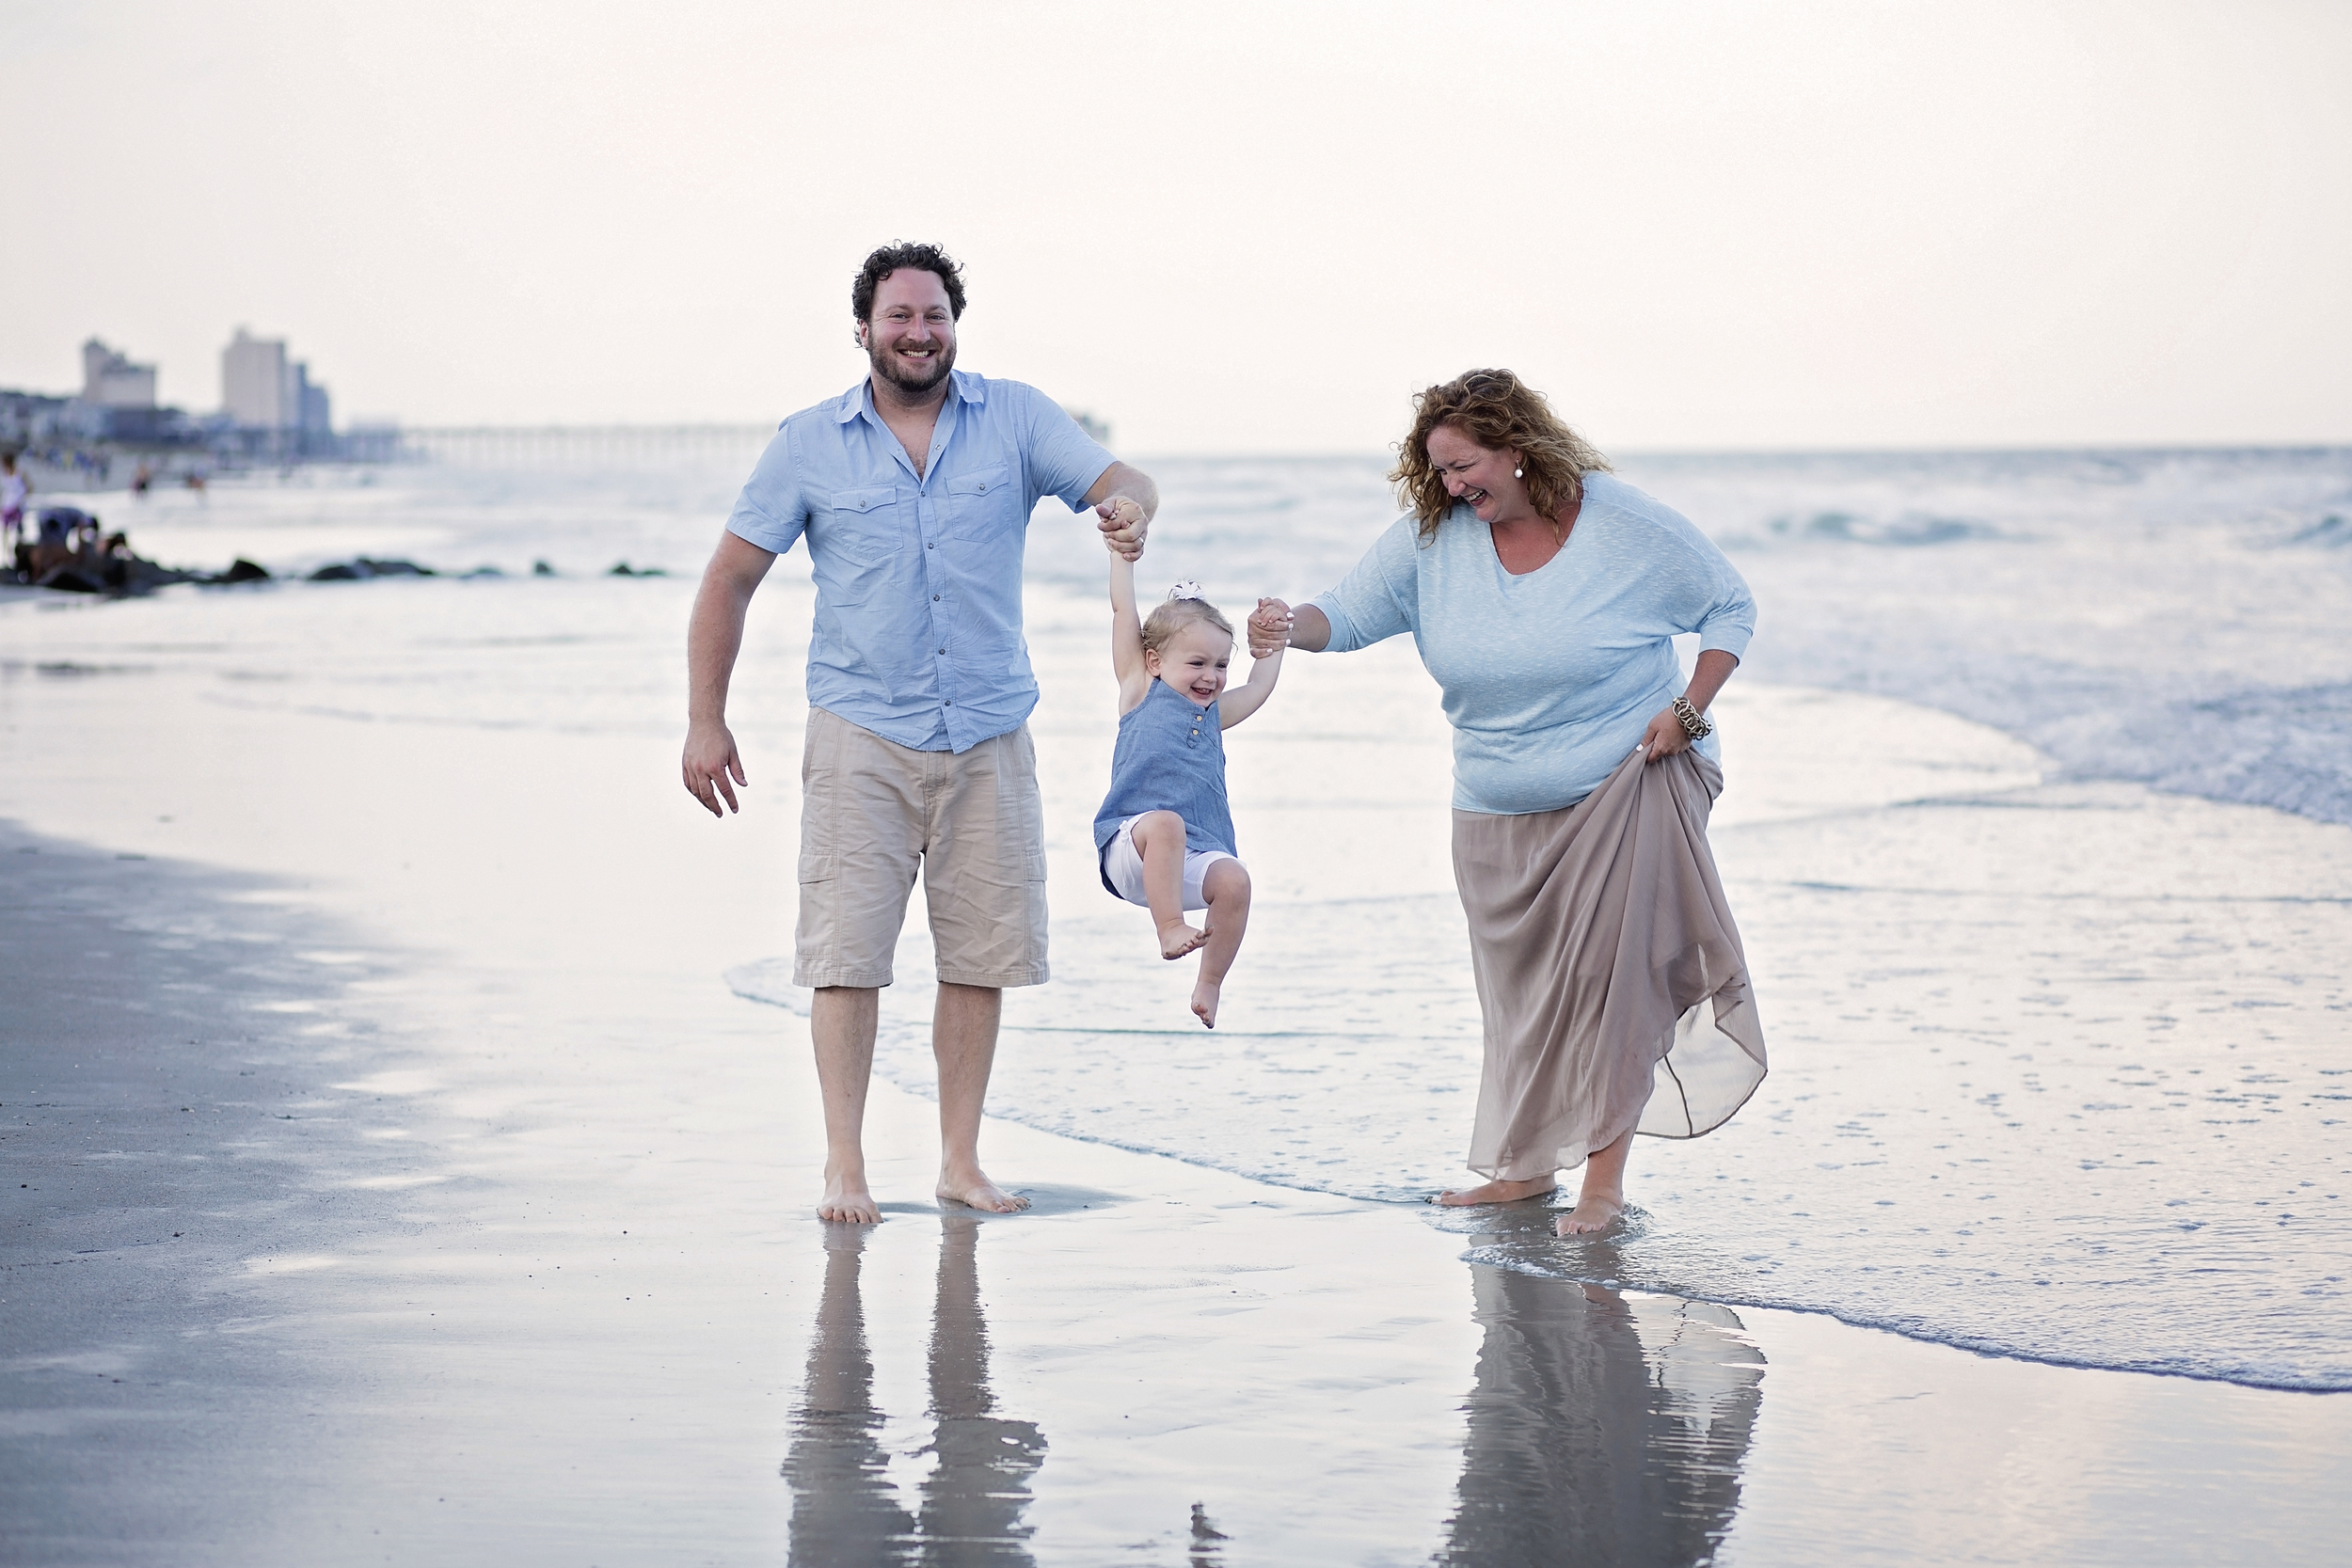 garden city beach realty family photography